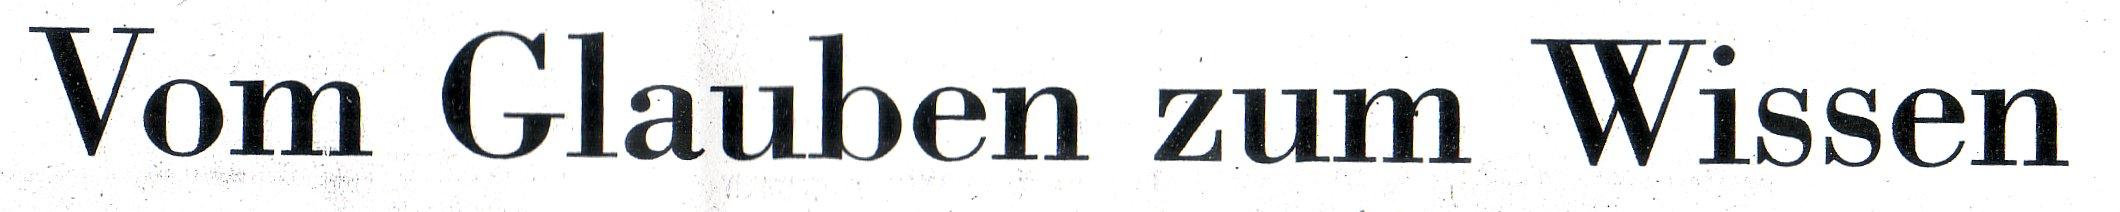 NZZ, 03.12.09, Titel: Vom Glauben zum Wissen